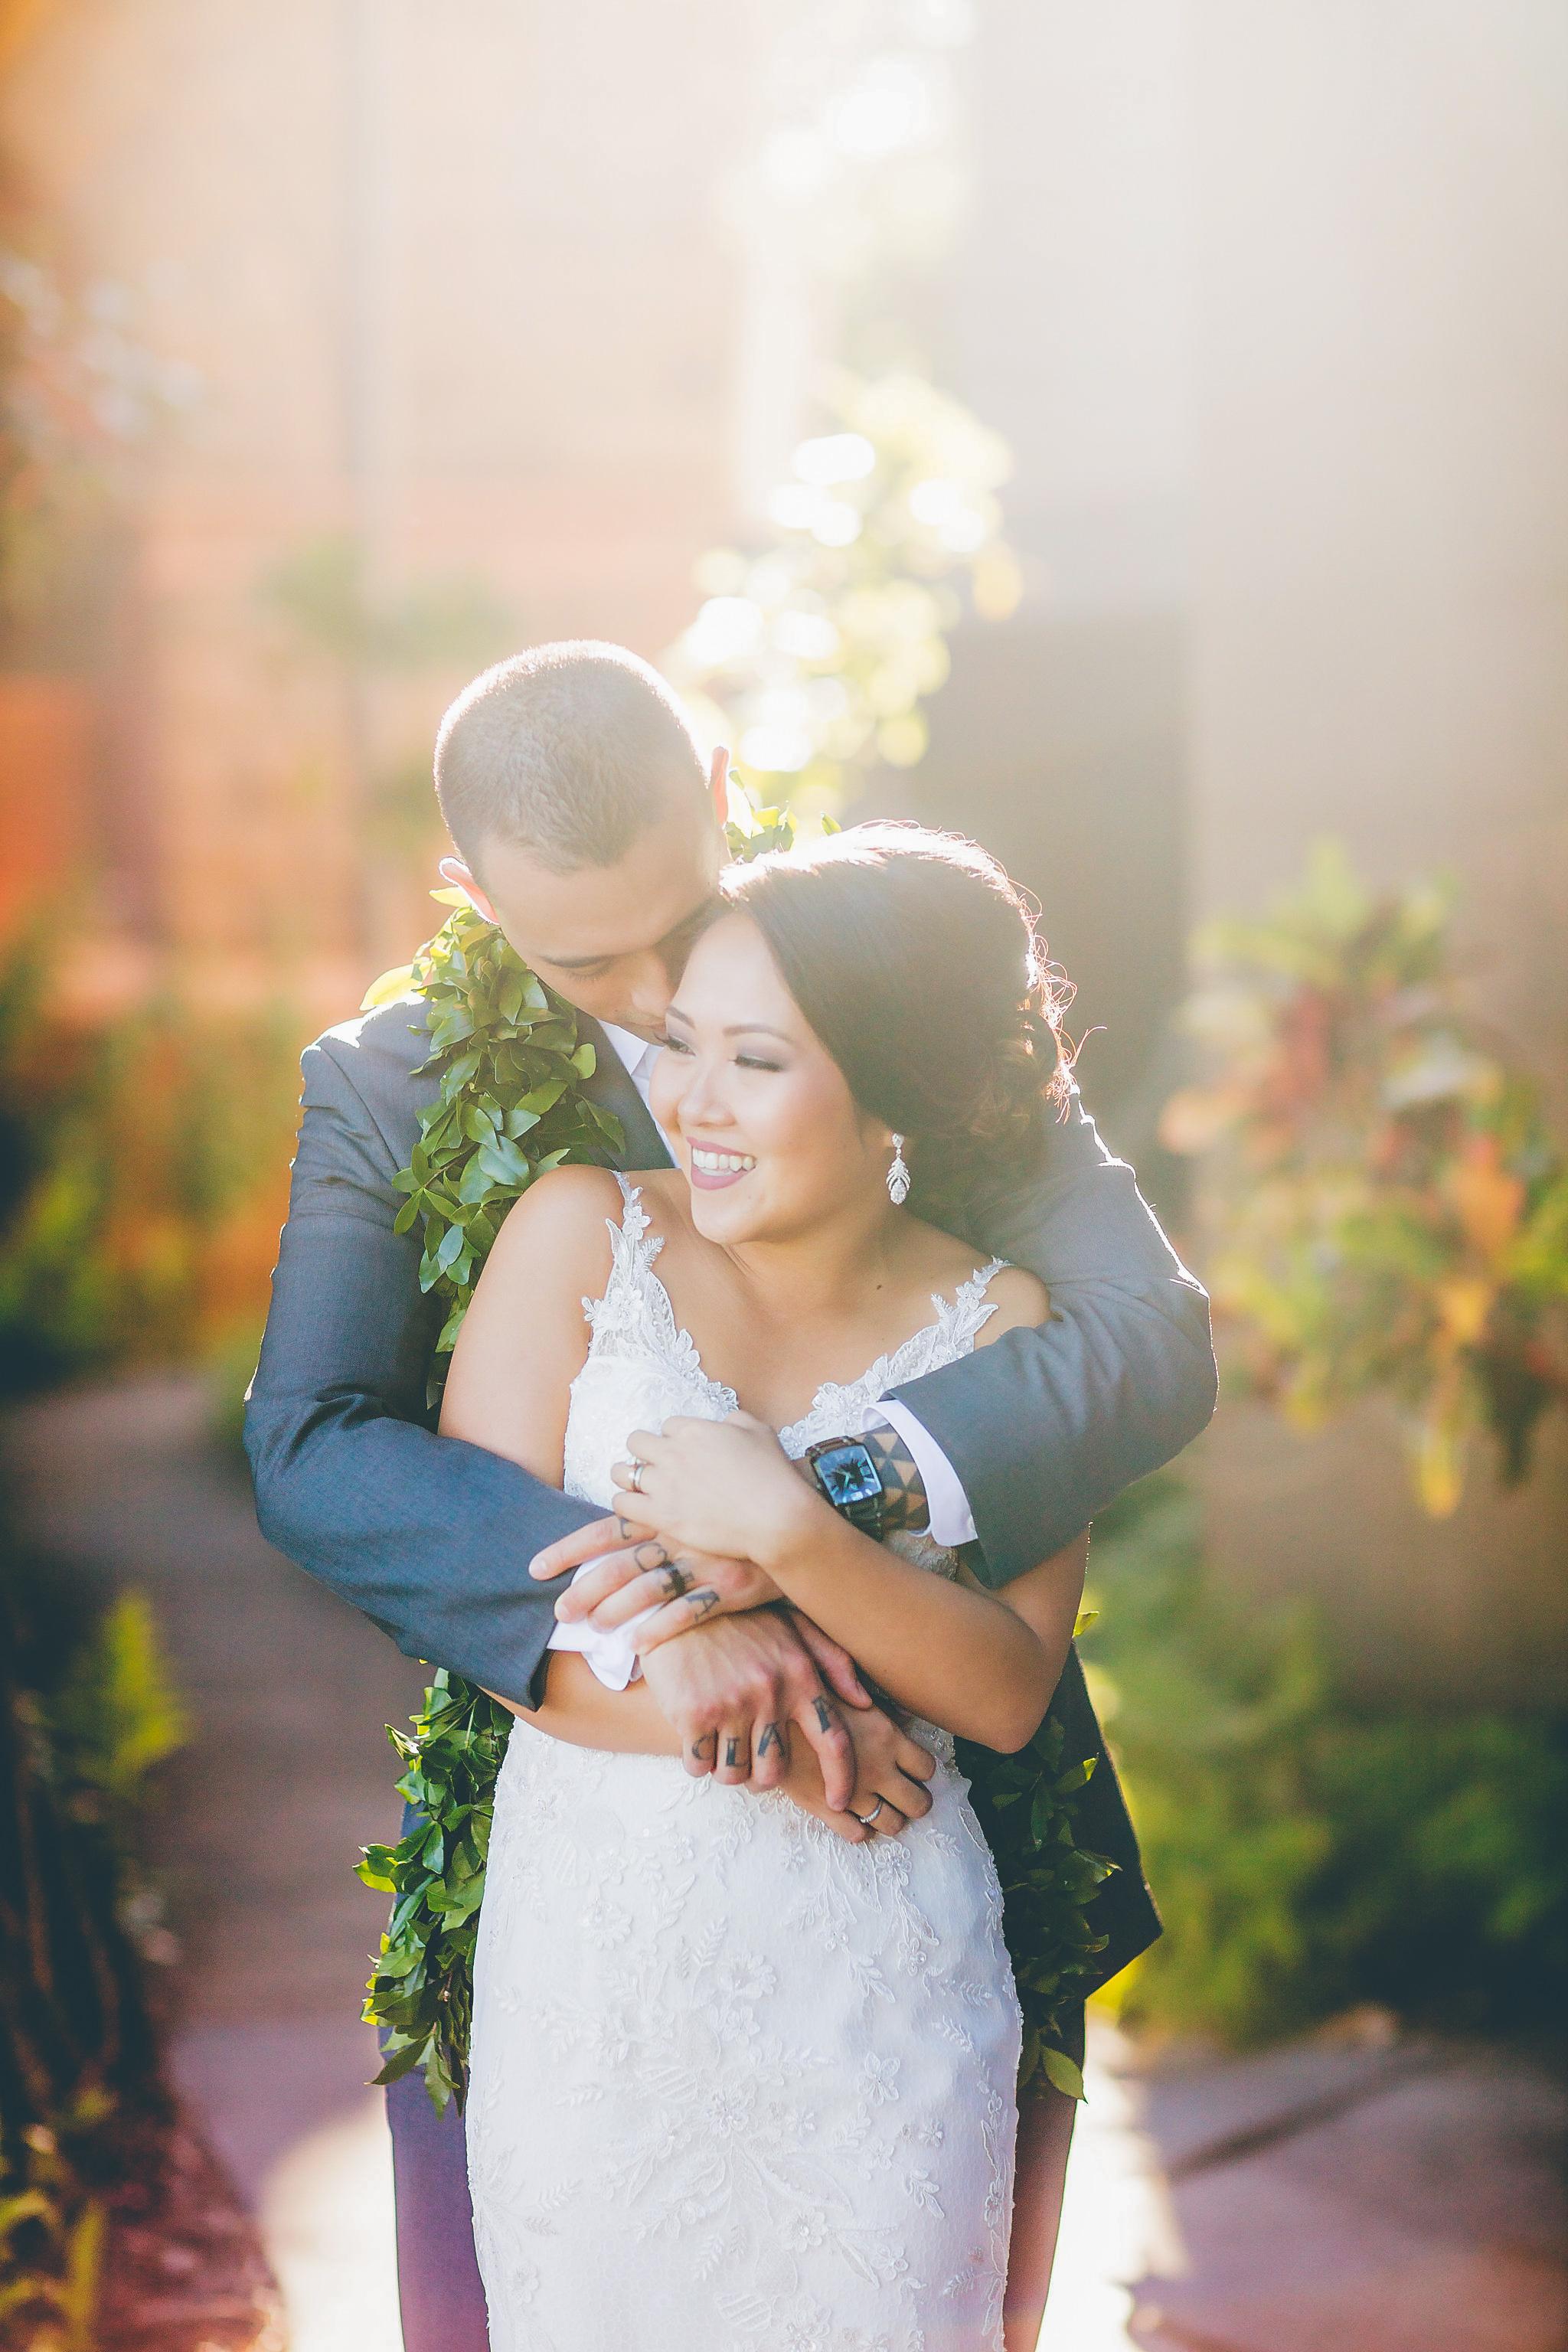 wedding-photography-hawaii-4.jpg